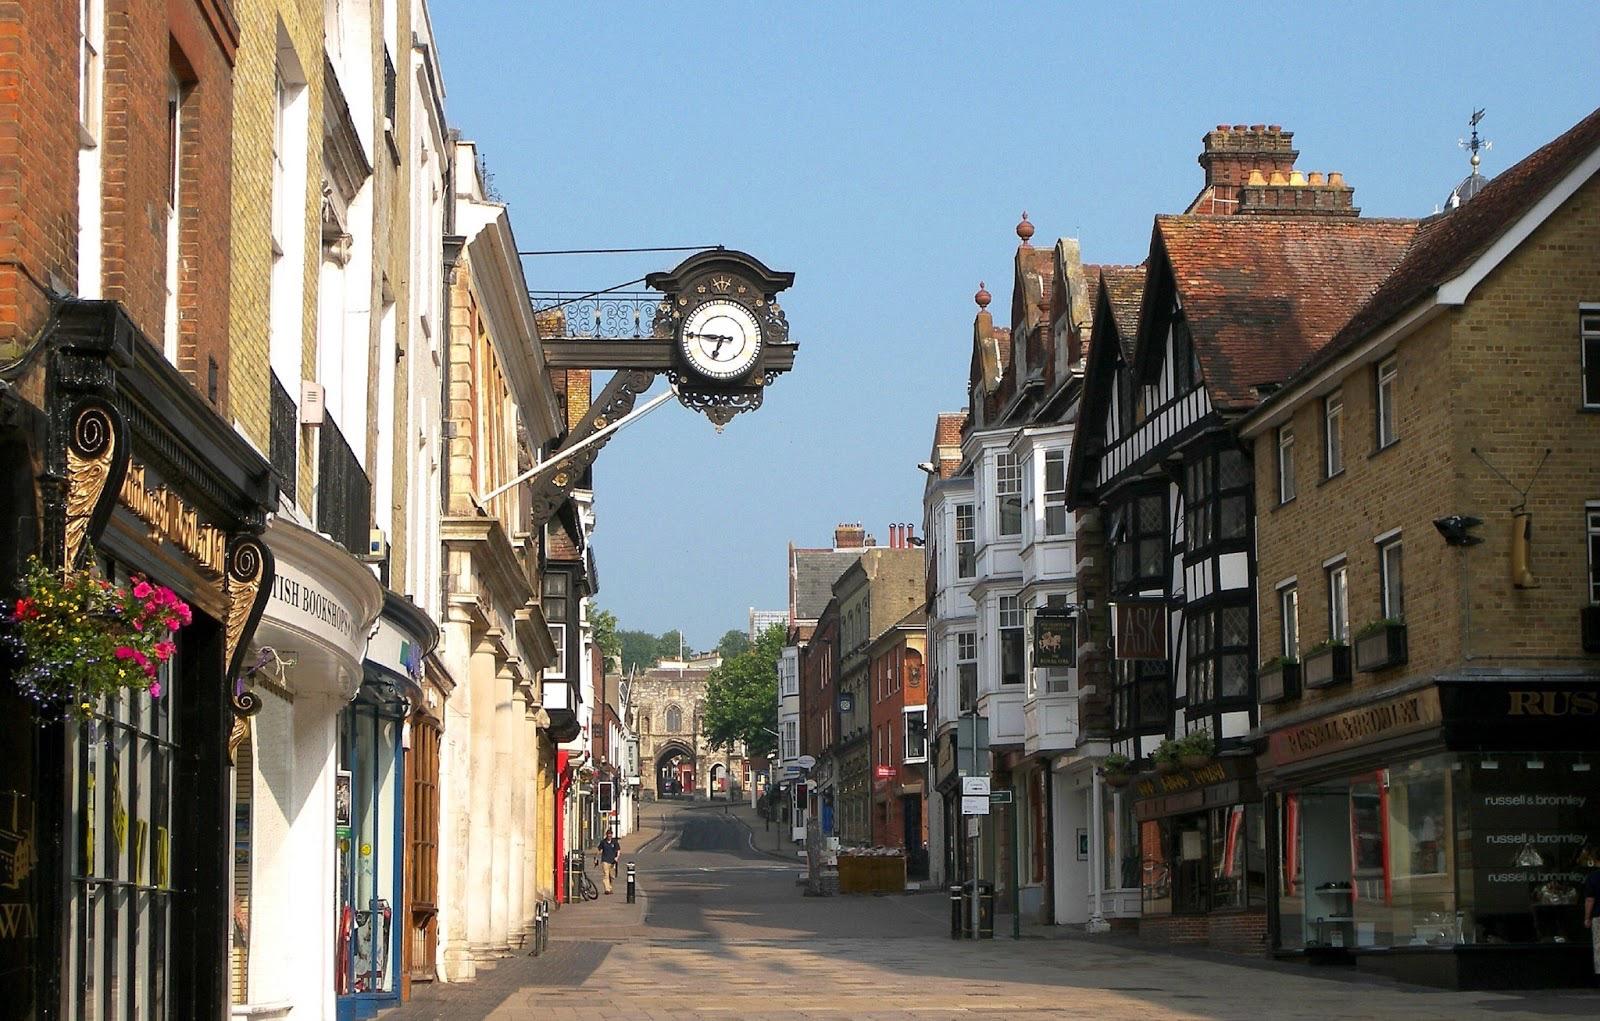 Celebrating Winchester's architecture